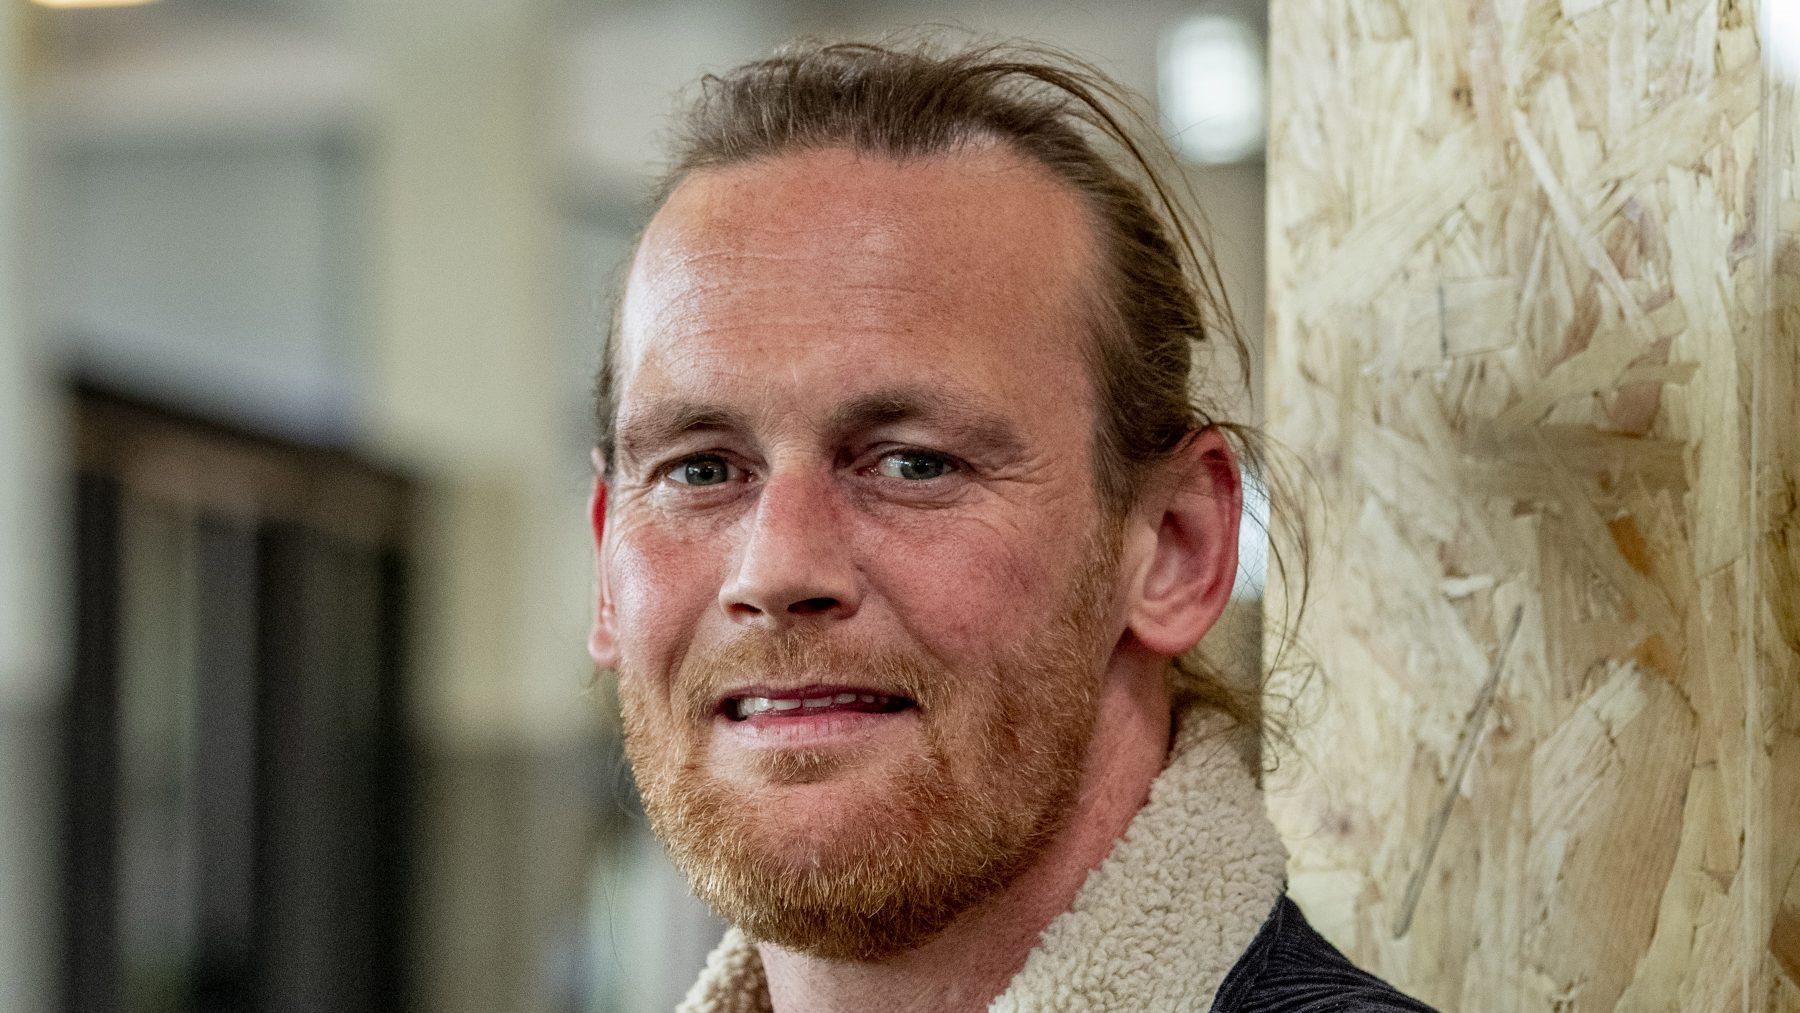 Patrick van der Jagt Het Rotterdam Project vriendin